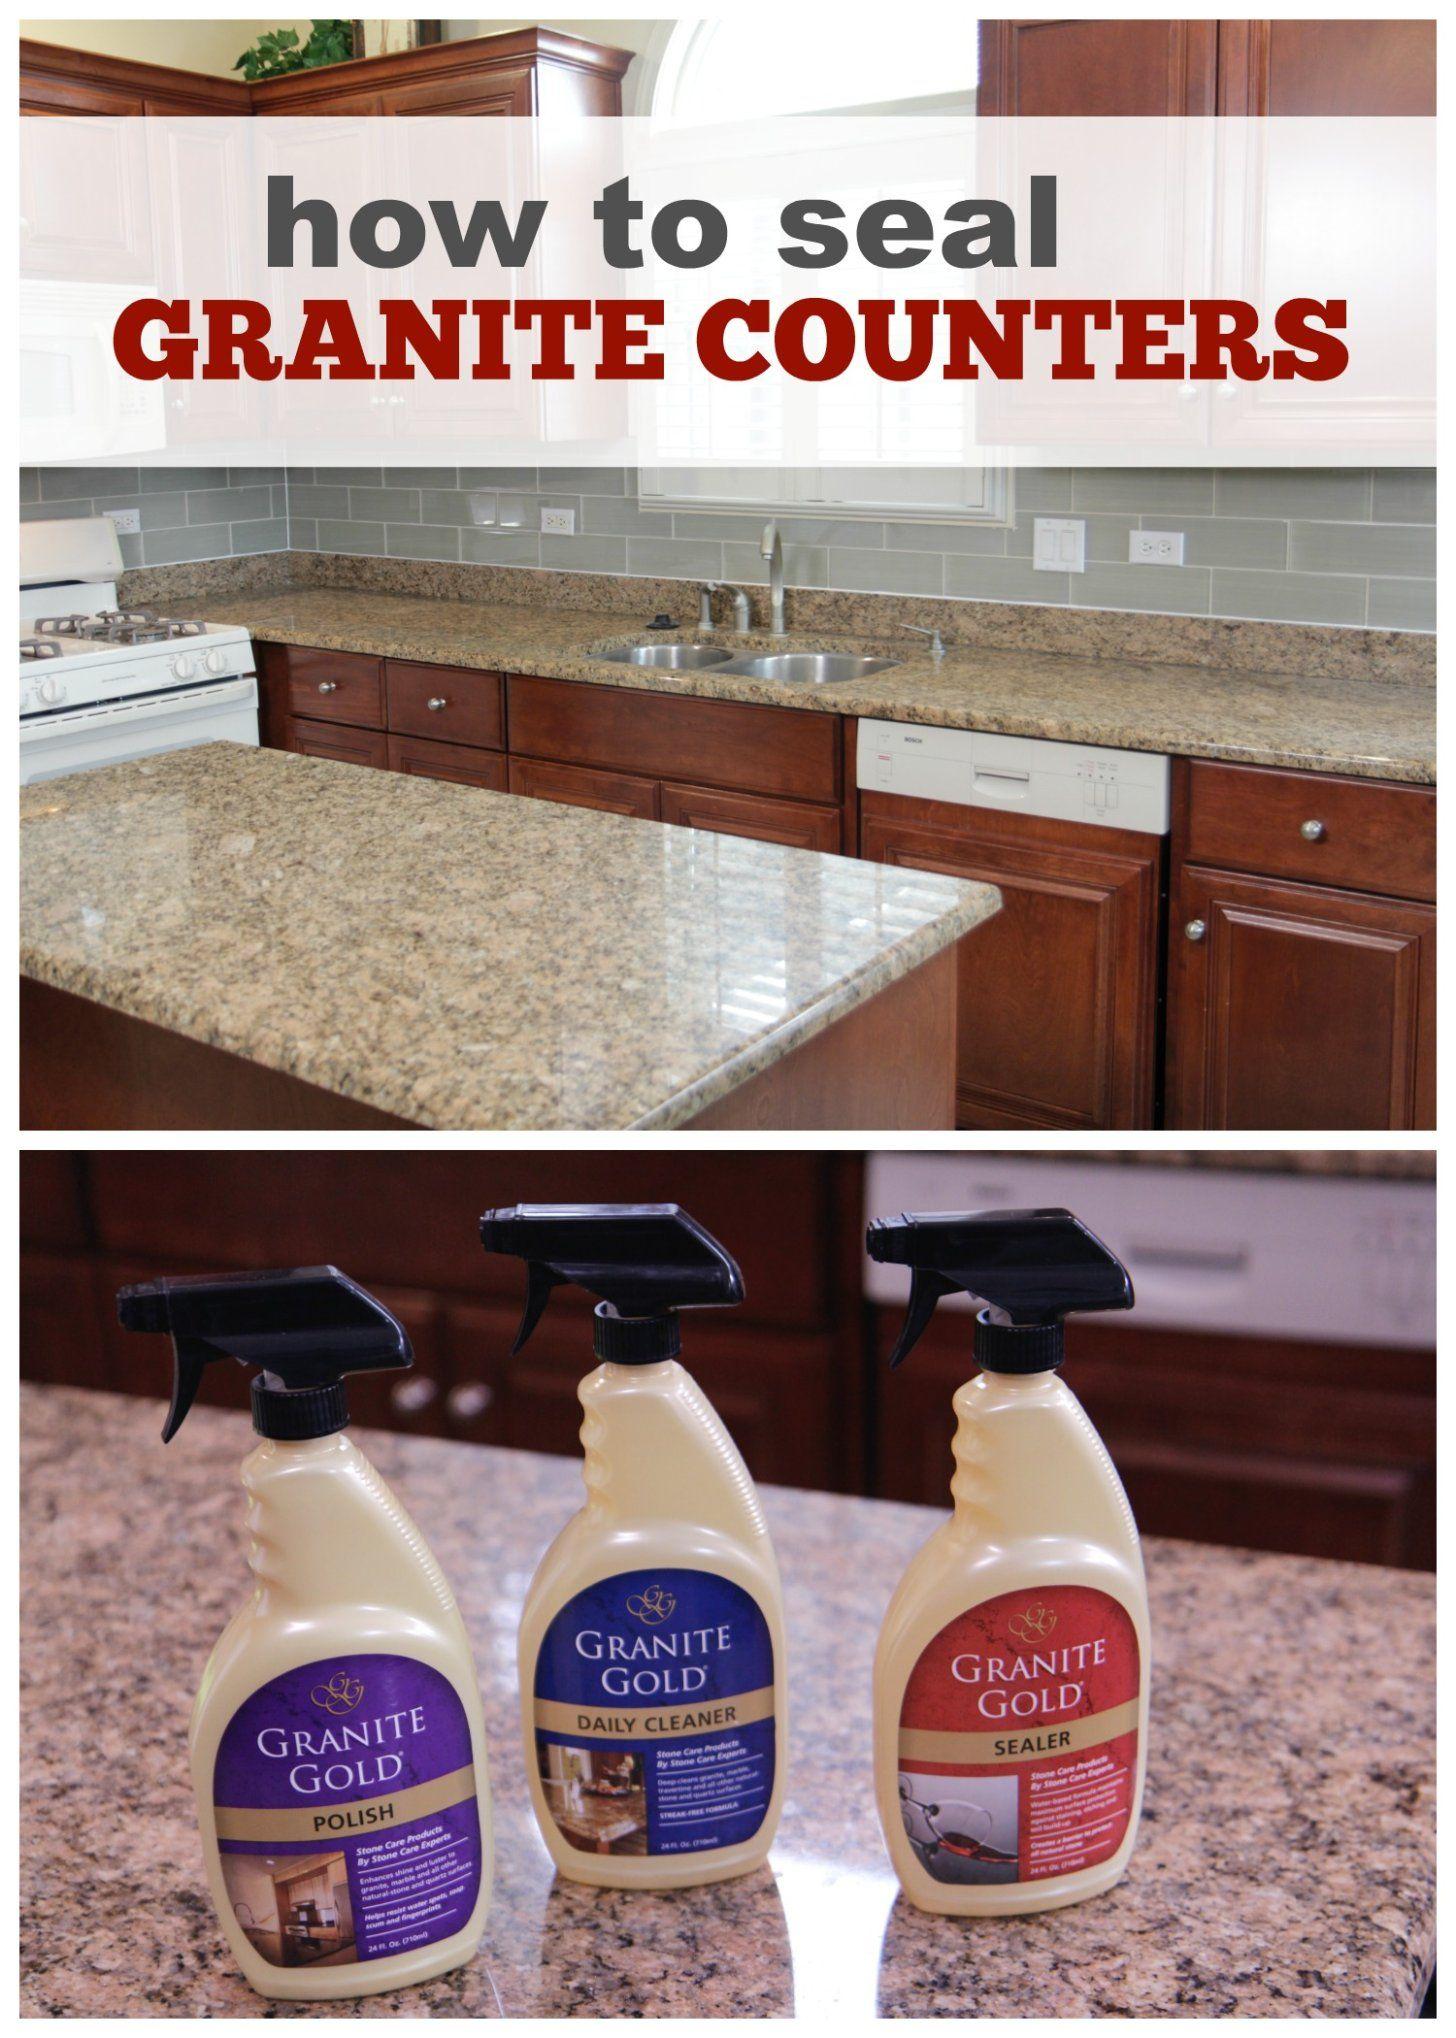 Seal Clean Polish Granite Countertops